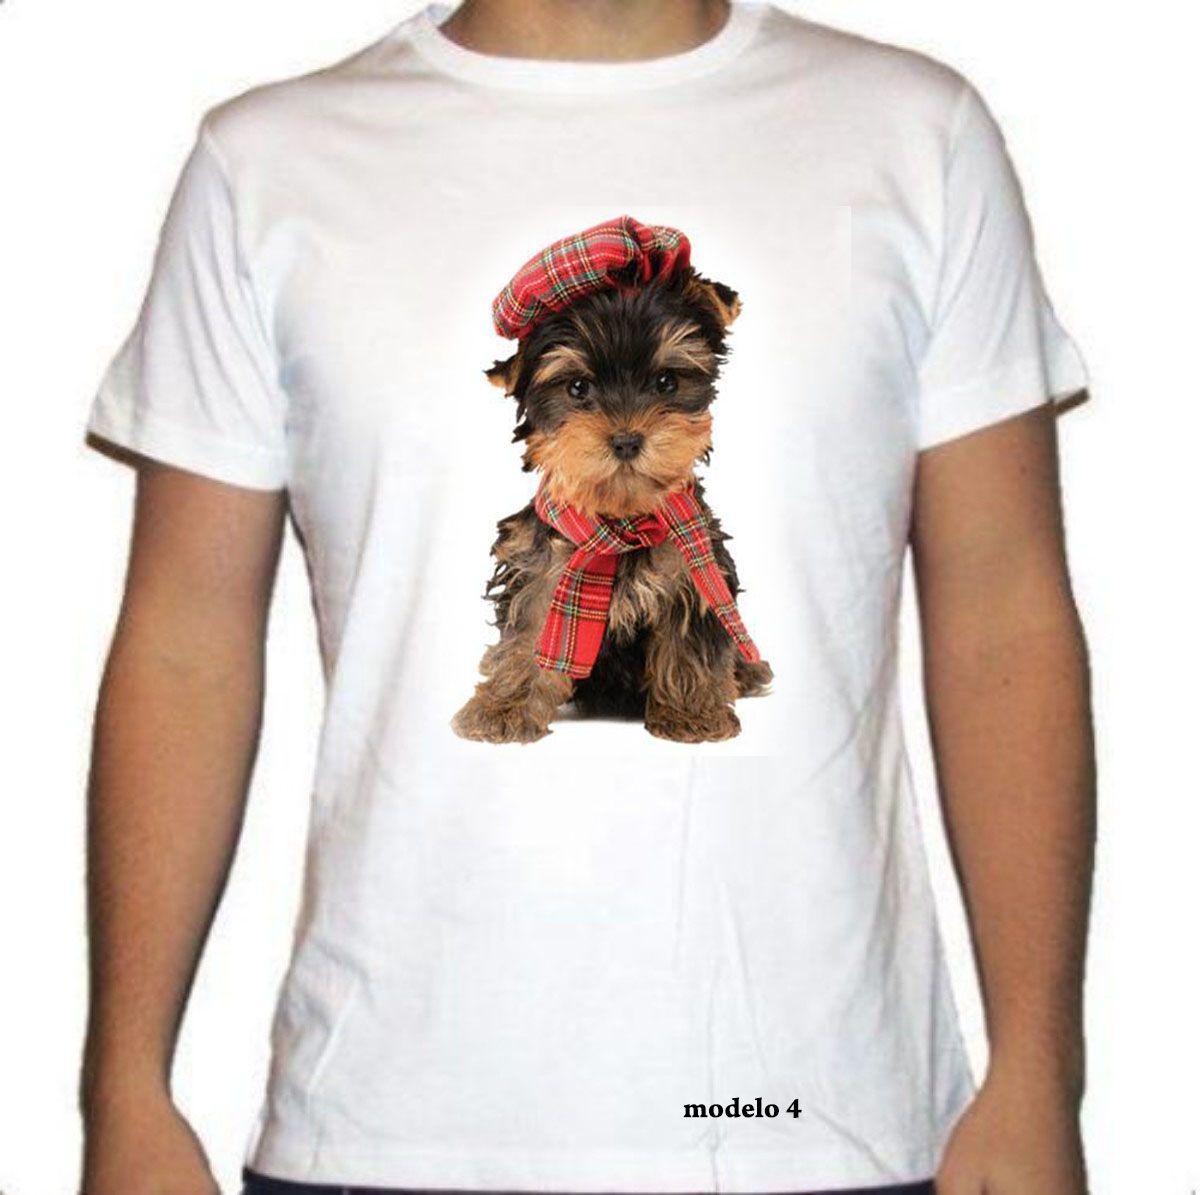 Camiseta con la raza del Yorkshire Terrier